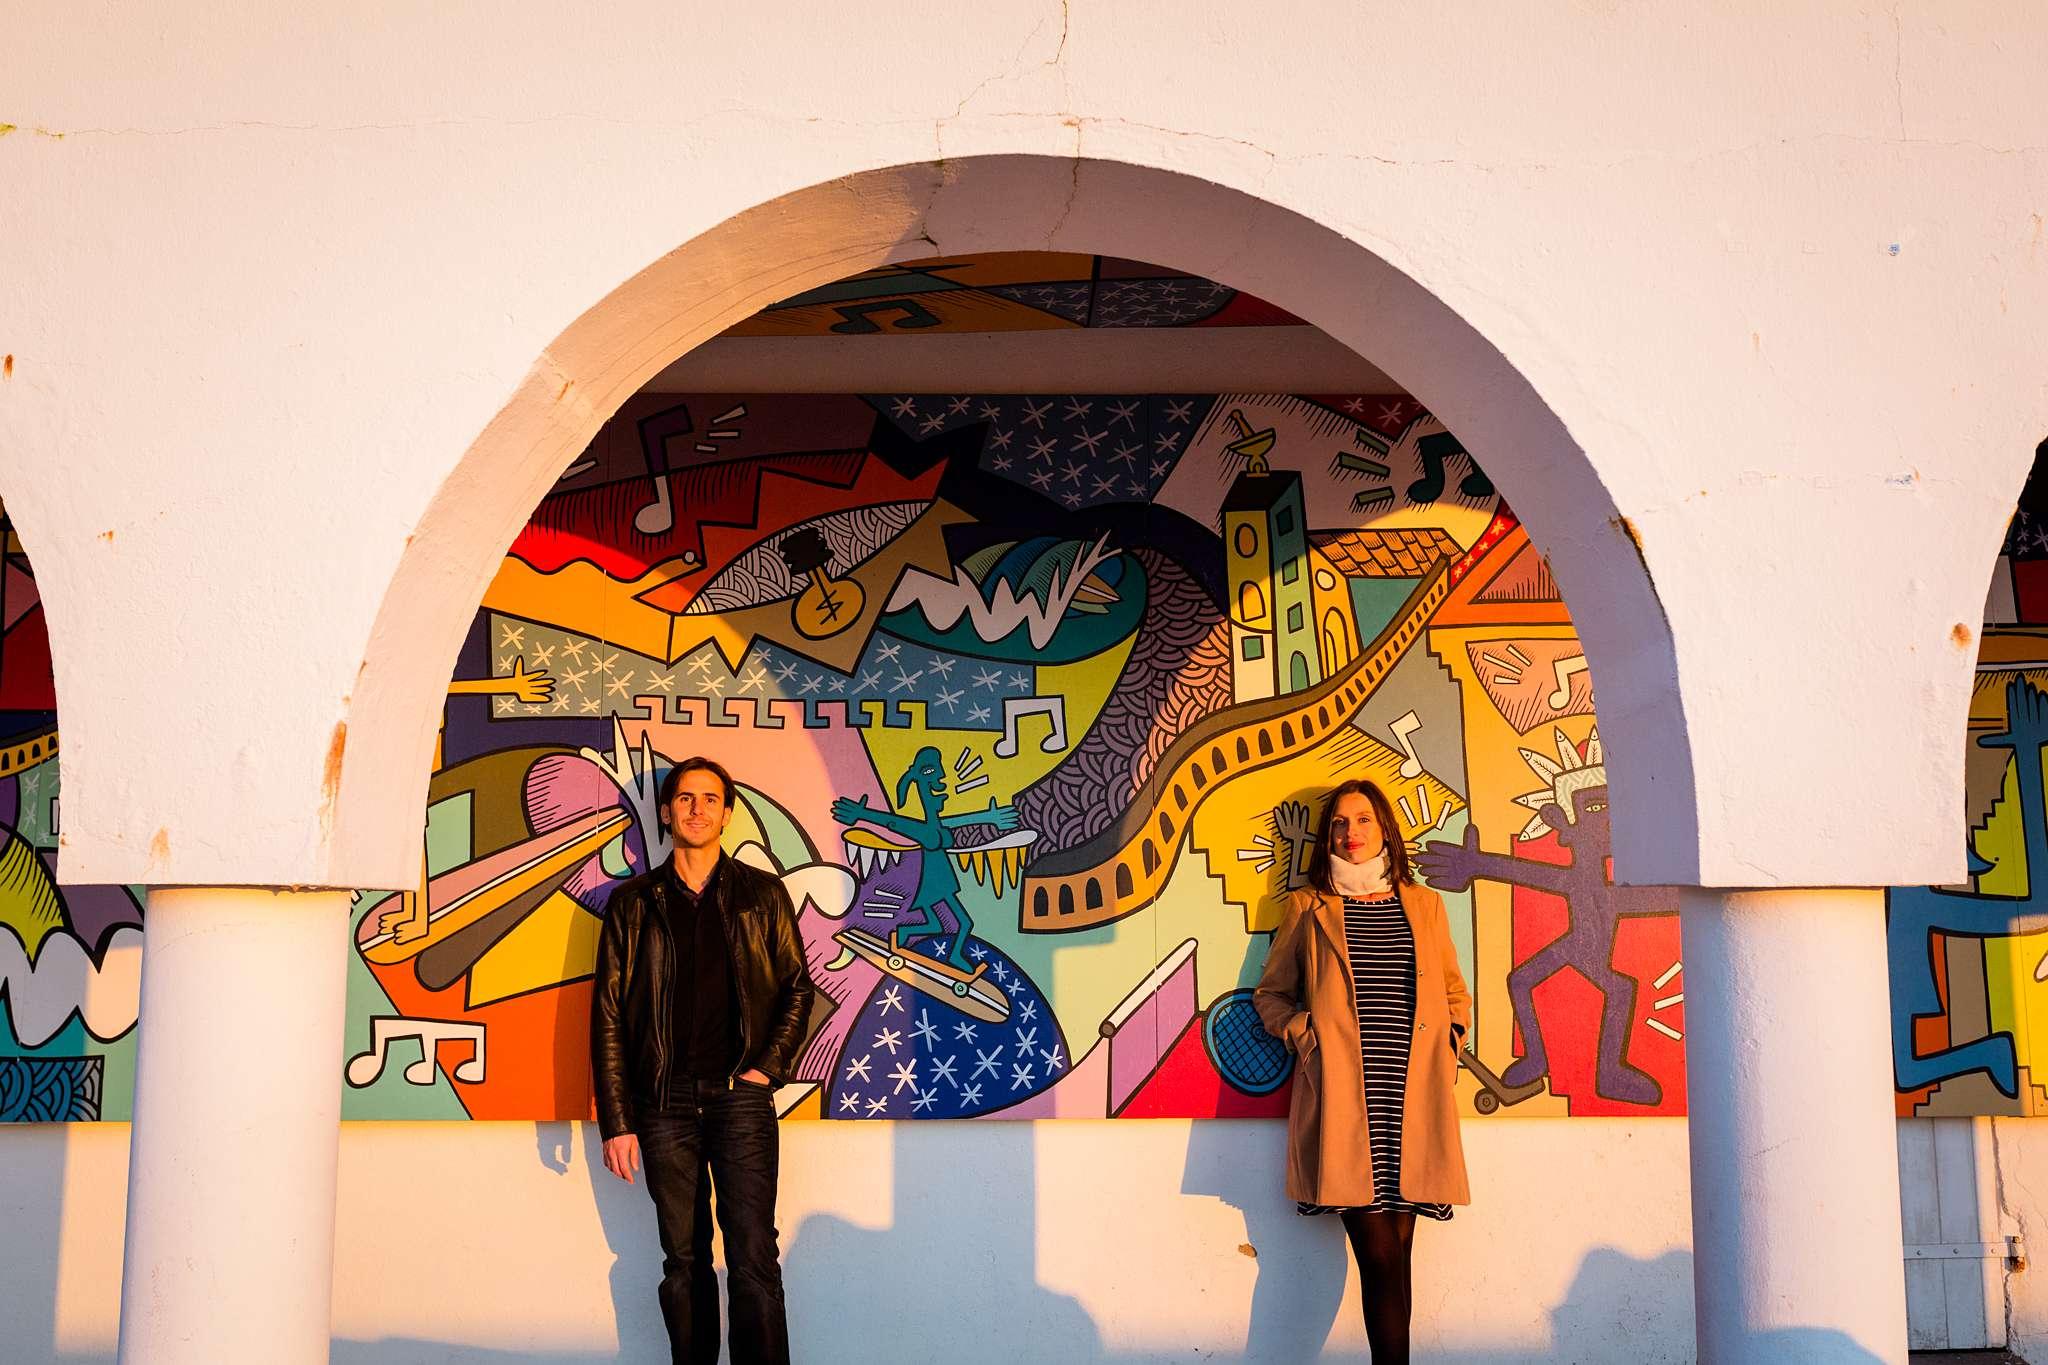 Les photos de grossesse et couple de Sophie et Rodolphe, à Biarritz Pays Basque ! Après sont EVJF il y a quelques années, voici Sophie enceinte. C'est beau. :)